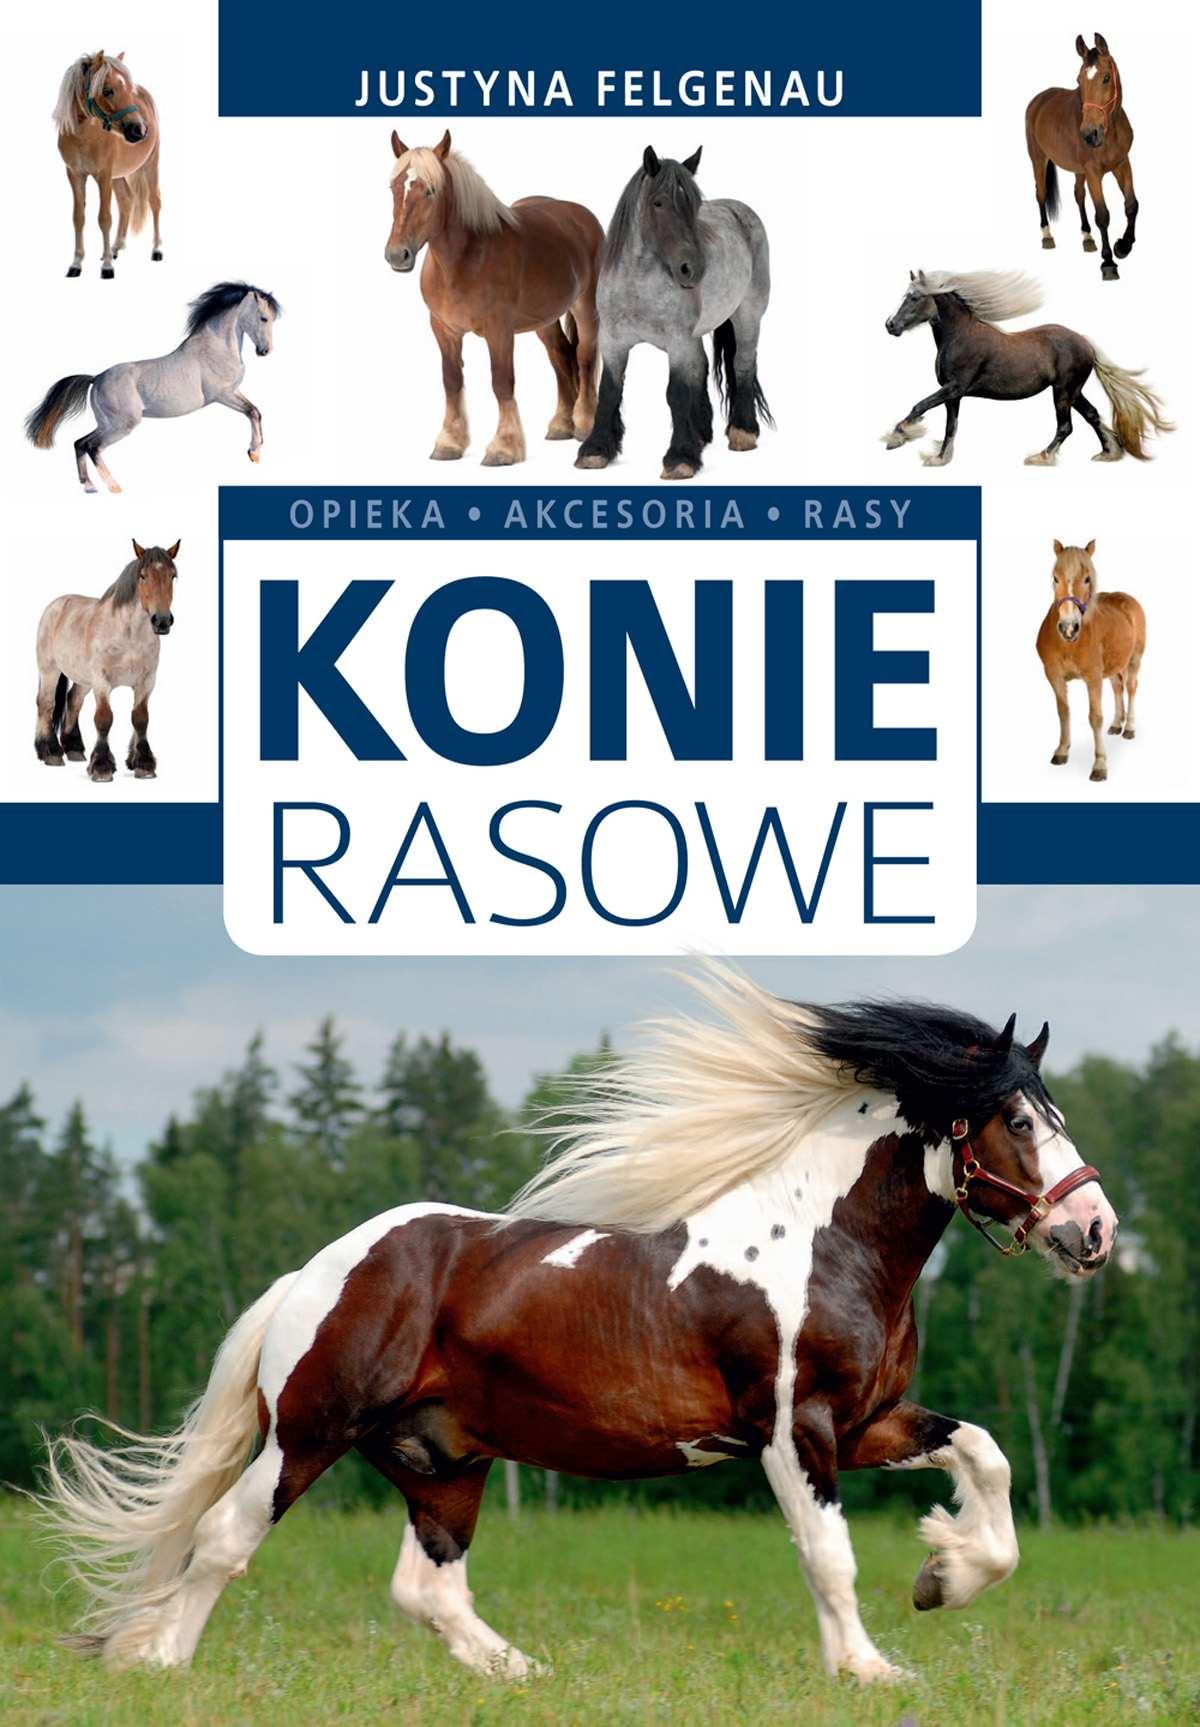 Konie rasowe - Ebook (Książka PDF) do pobrania w formacie PDF